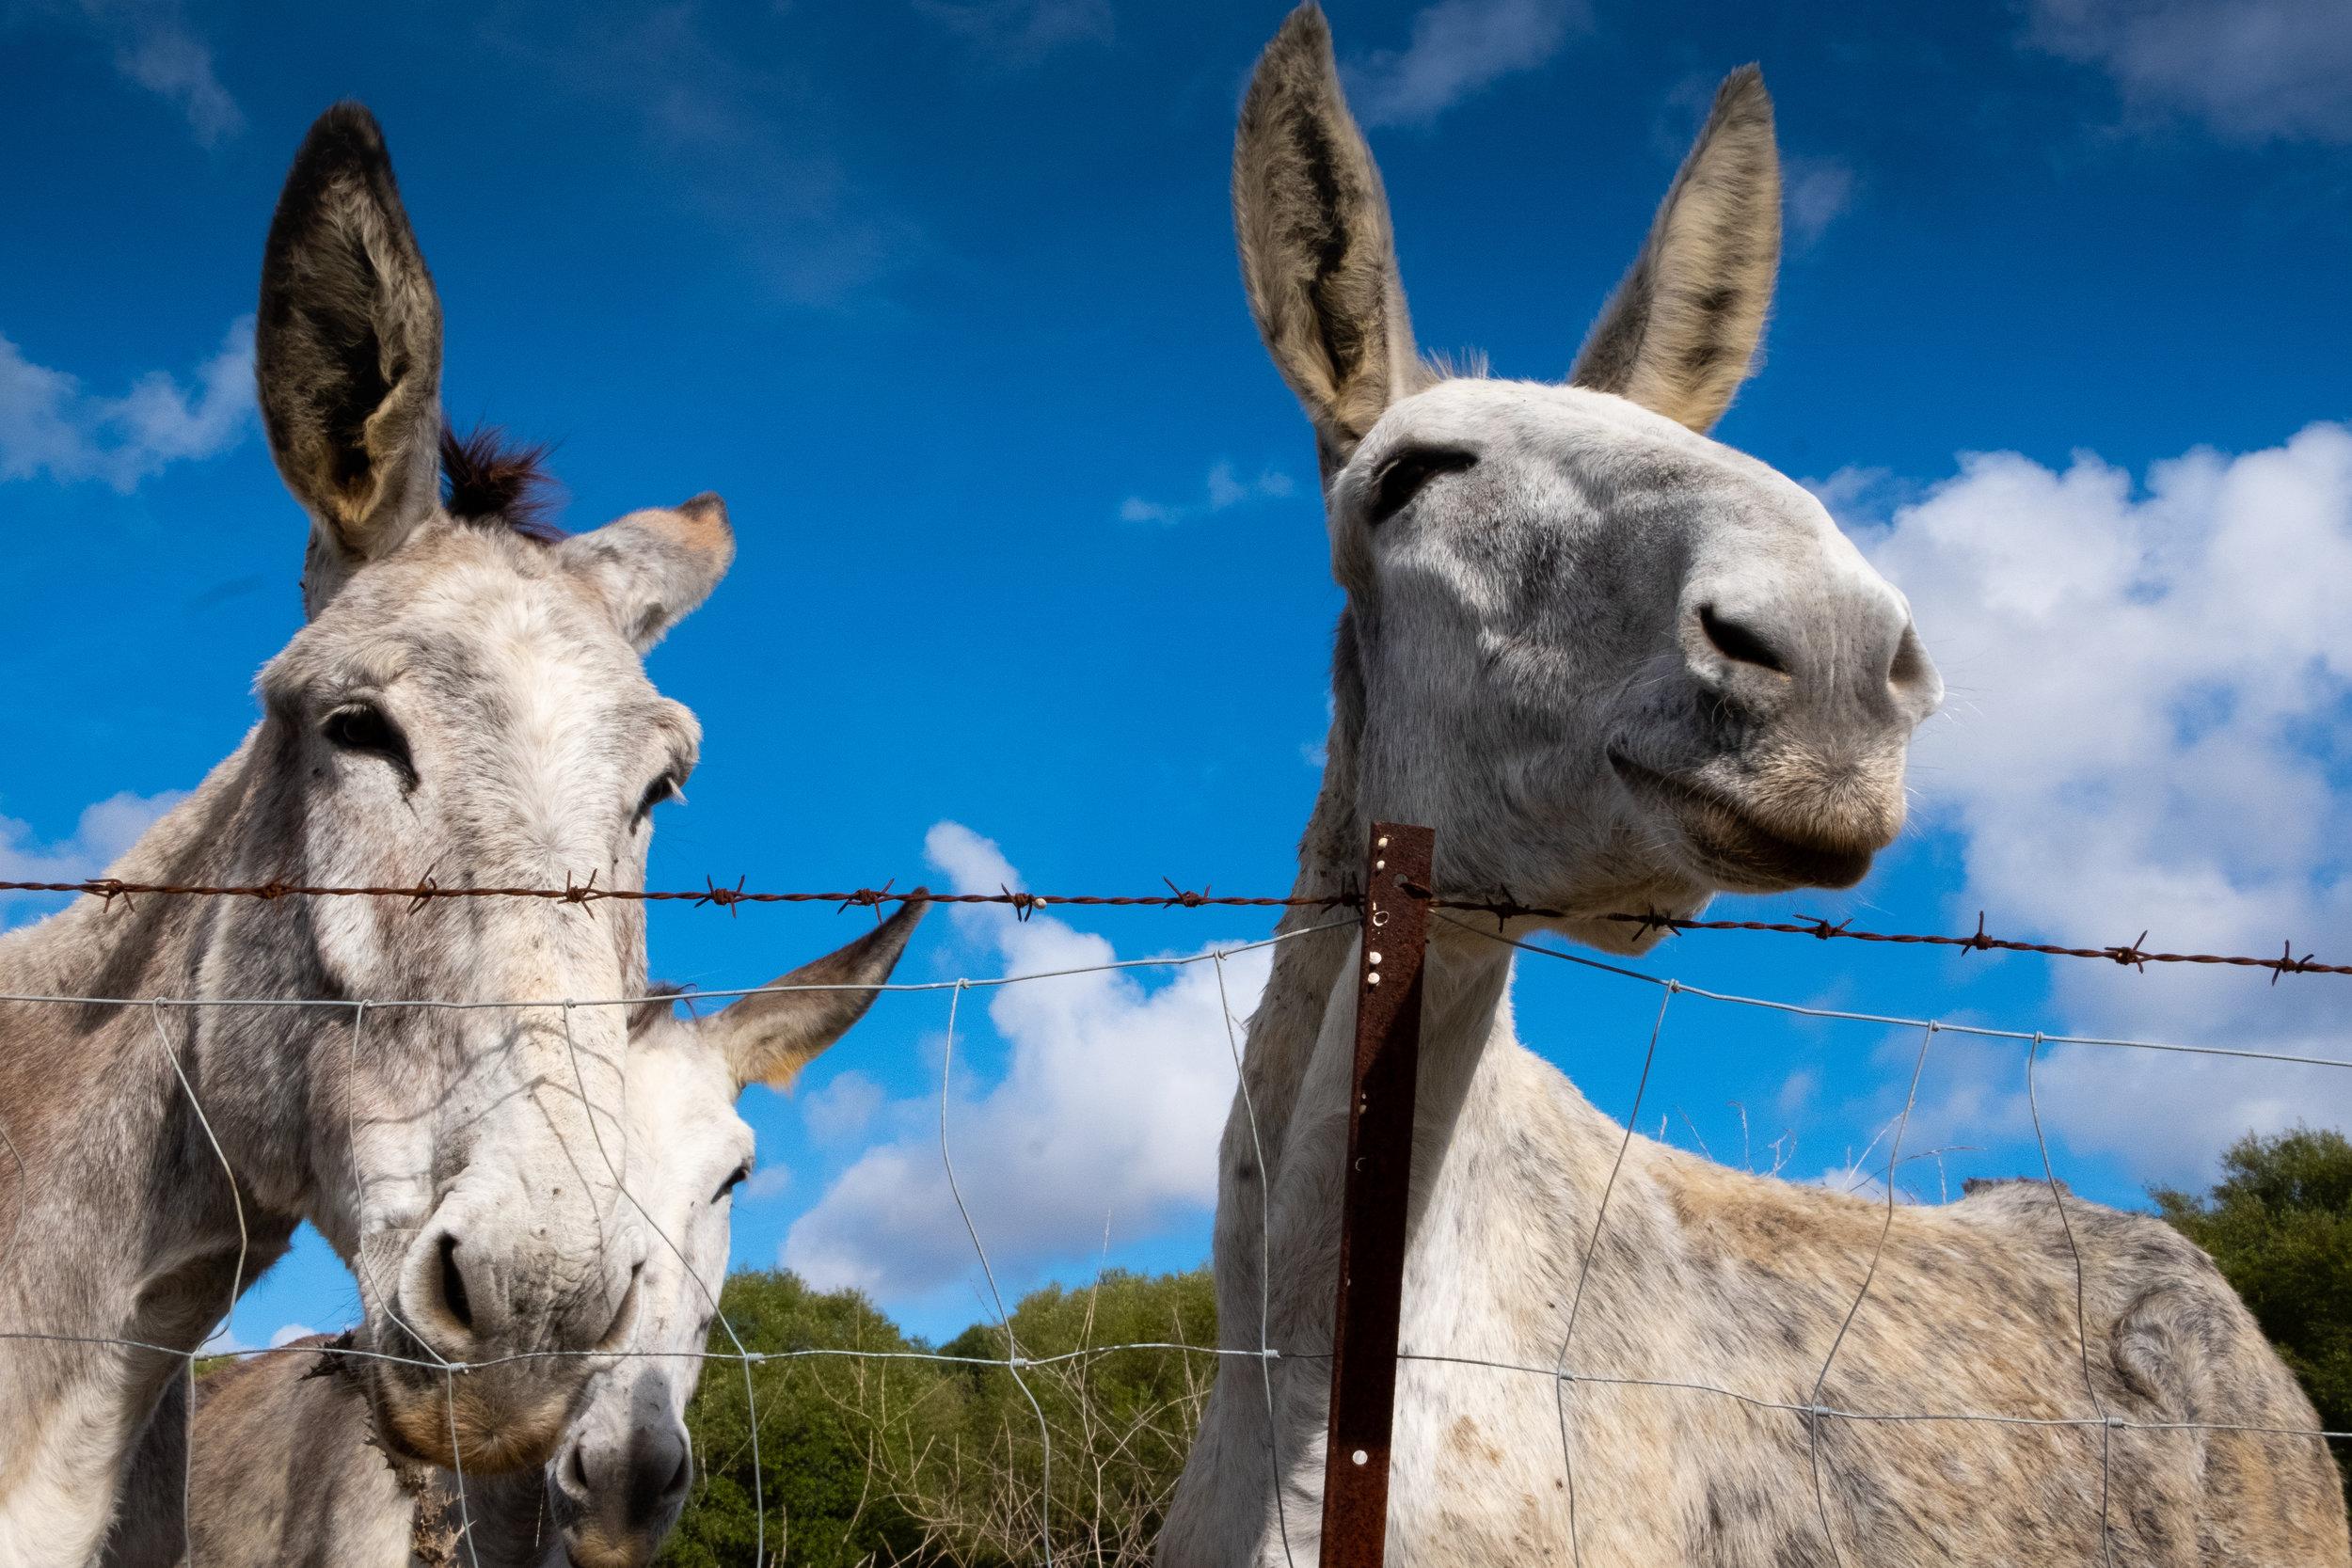 Andalucian donkeys near Bolonia, Andalucia.